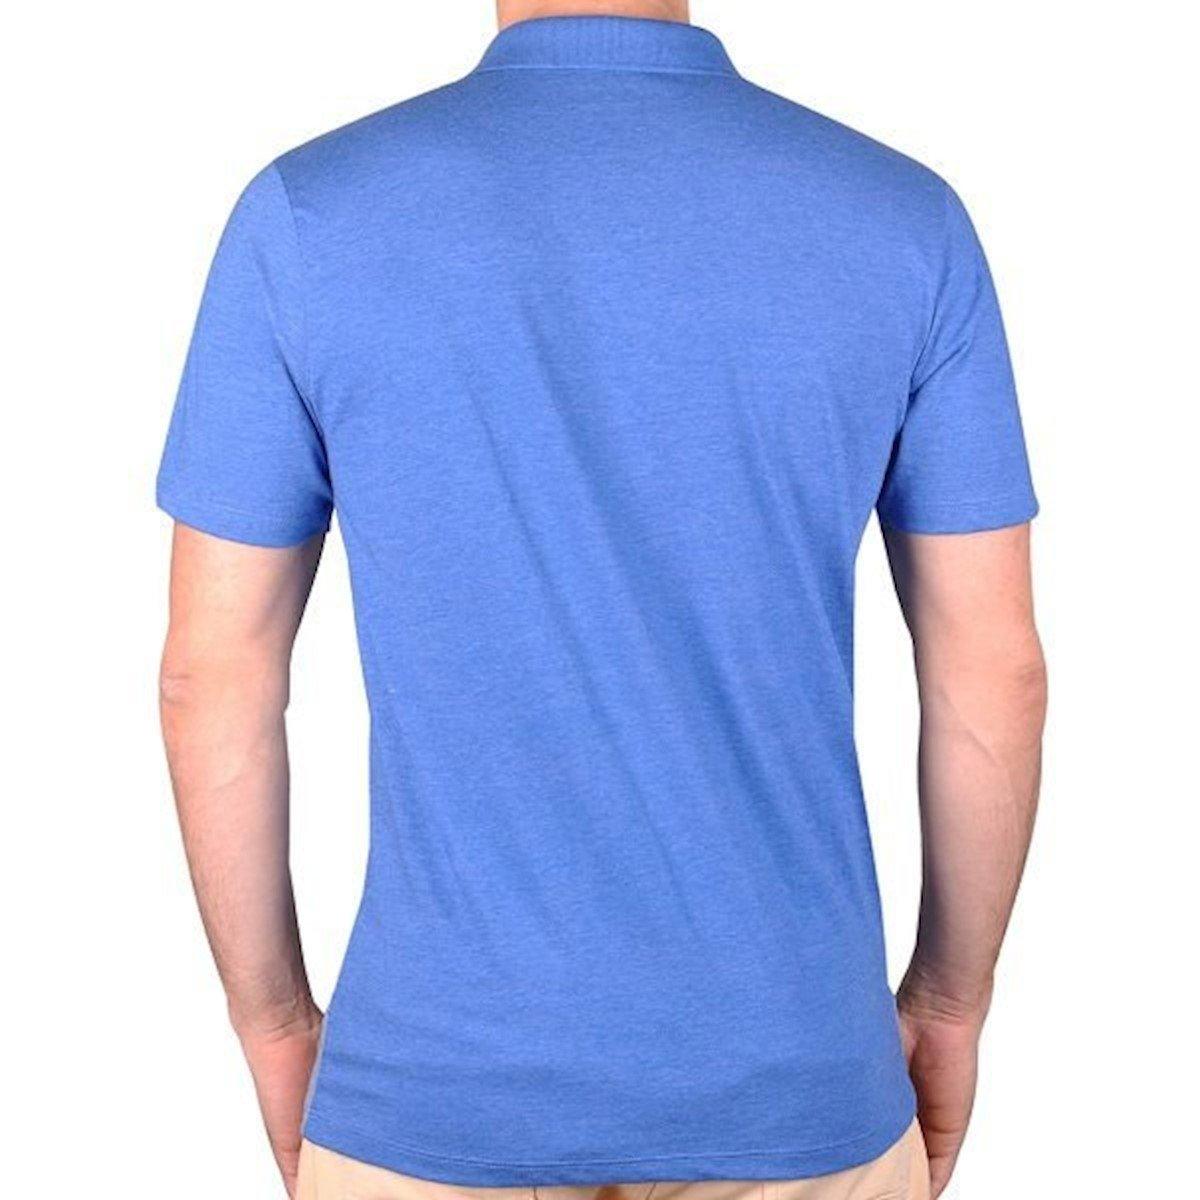 Camisa Poa Hurley Masculina  Camisa Poa Hurley Masculina 9918ca39c42